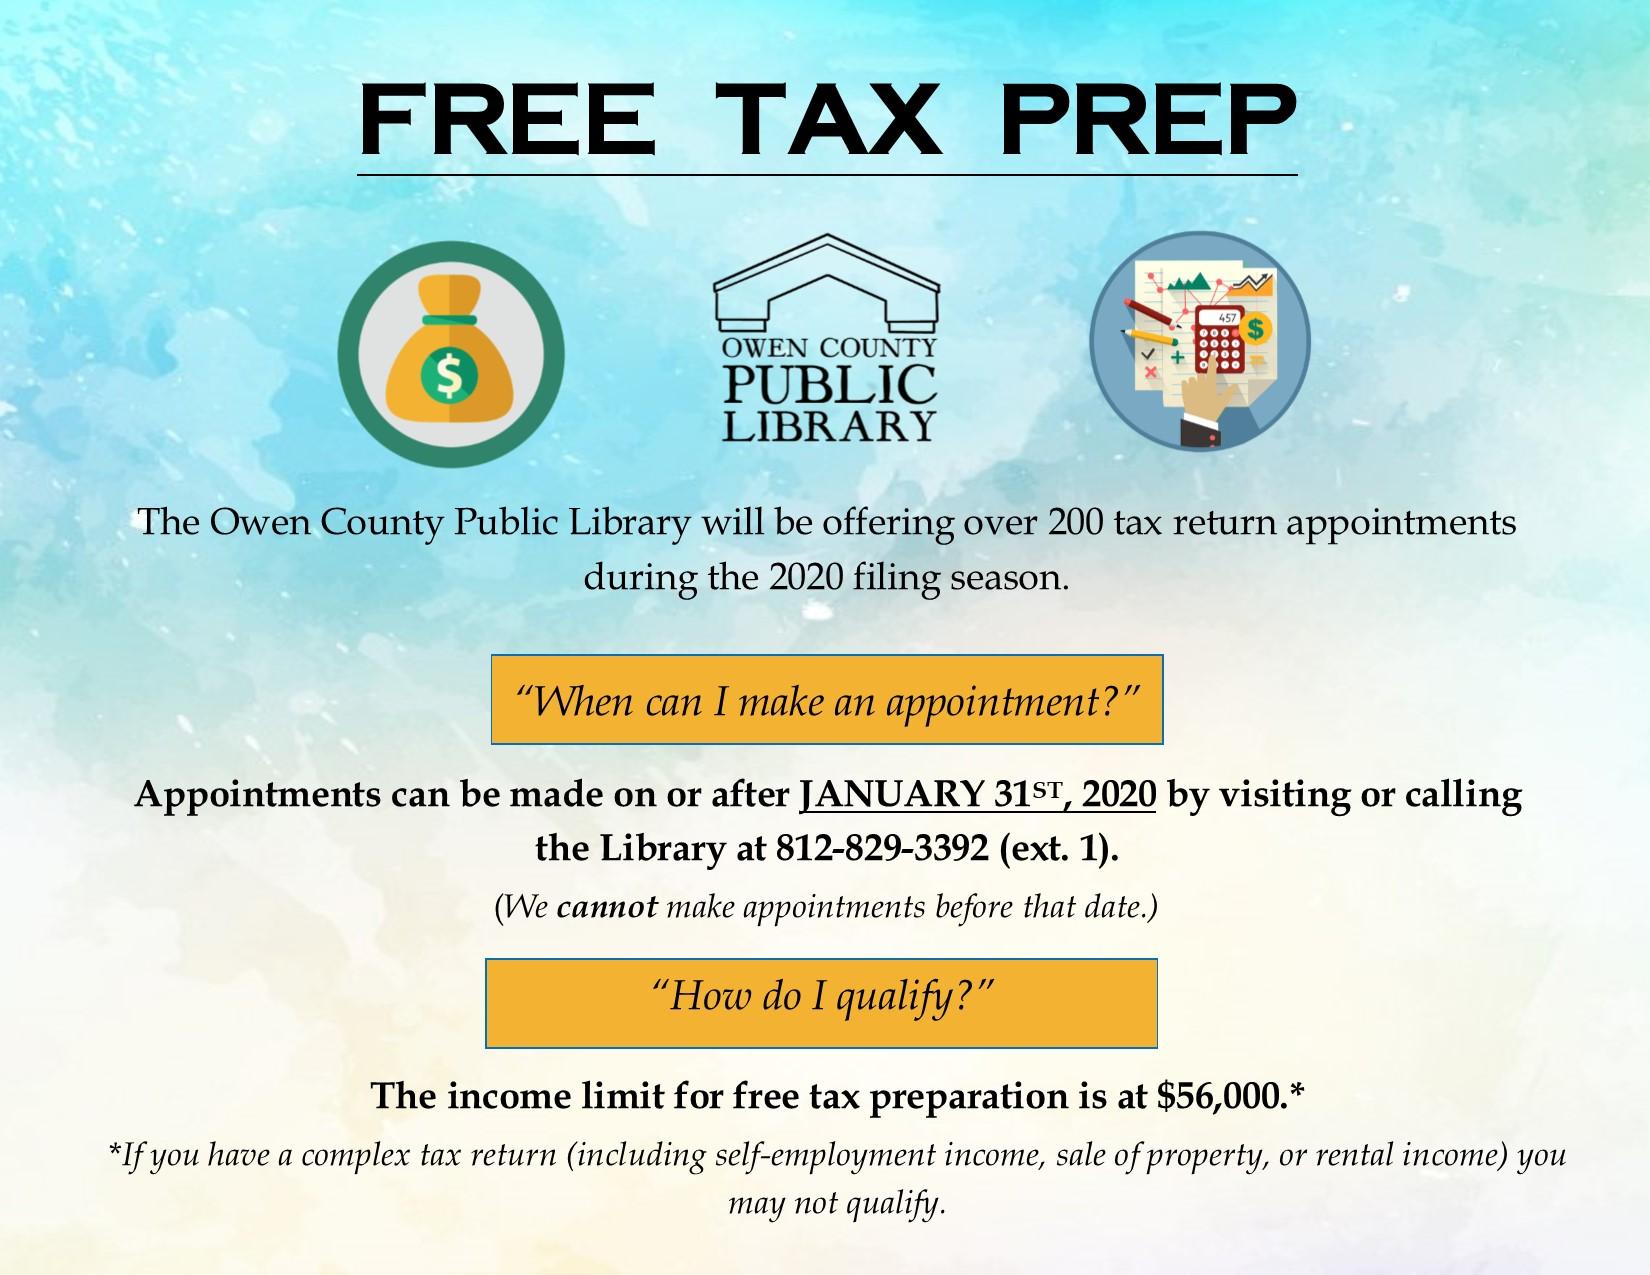 free tax help ppt jpeg